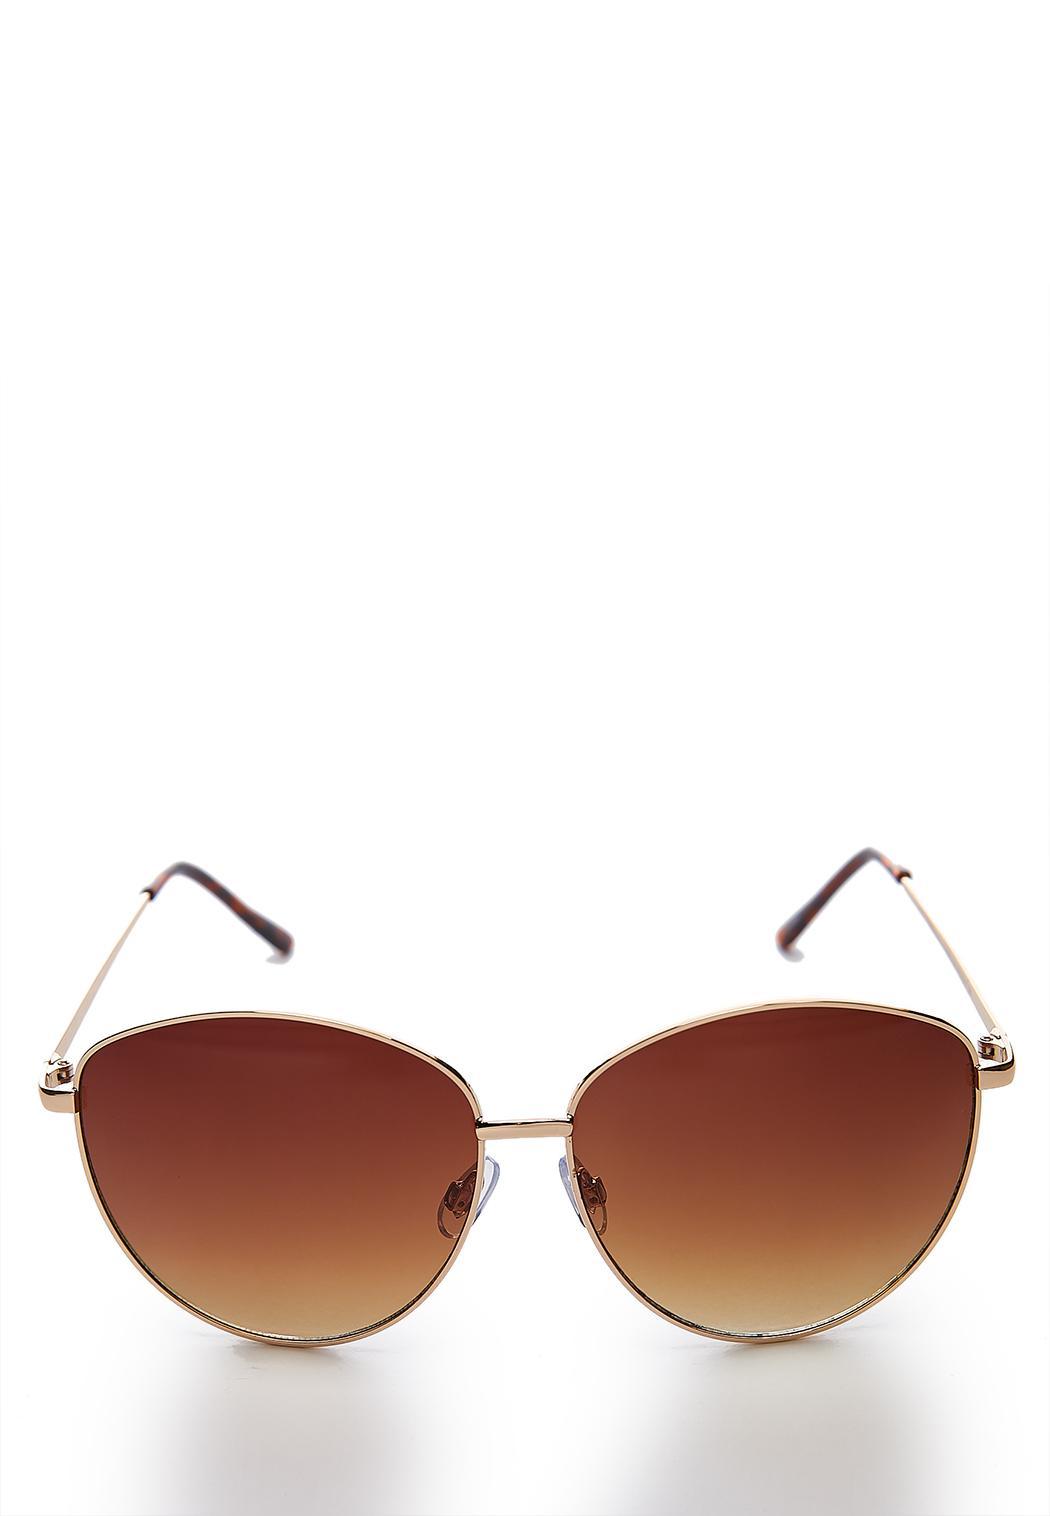 Round Statement Sunglasses